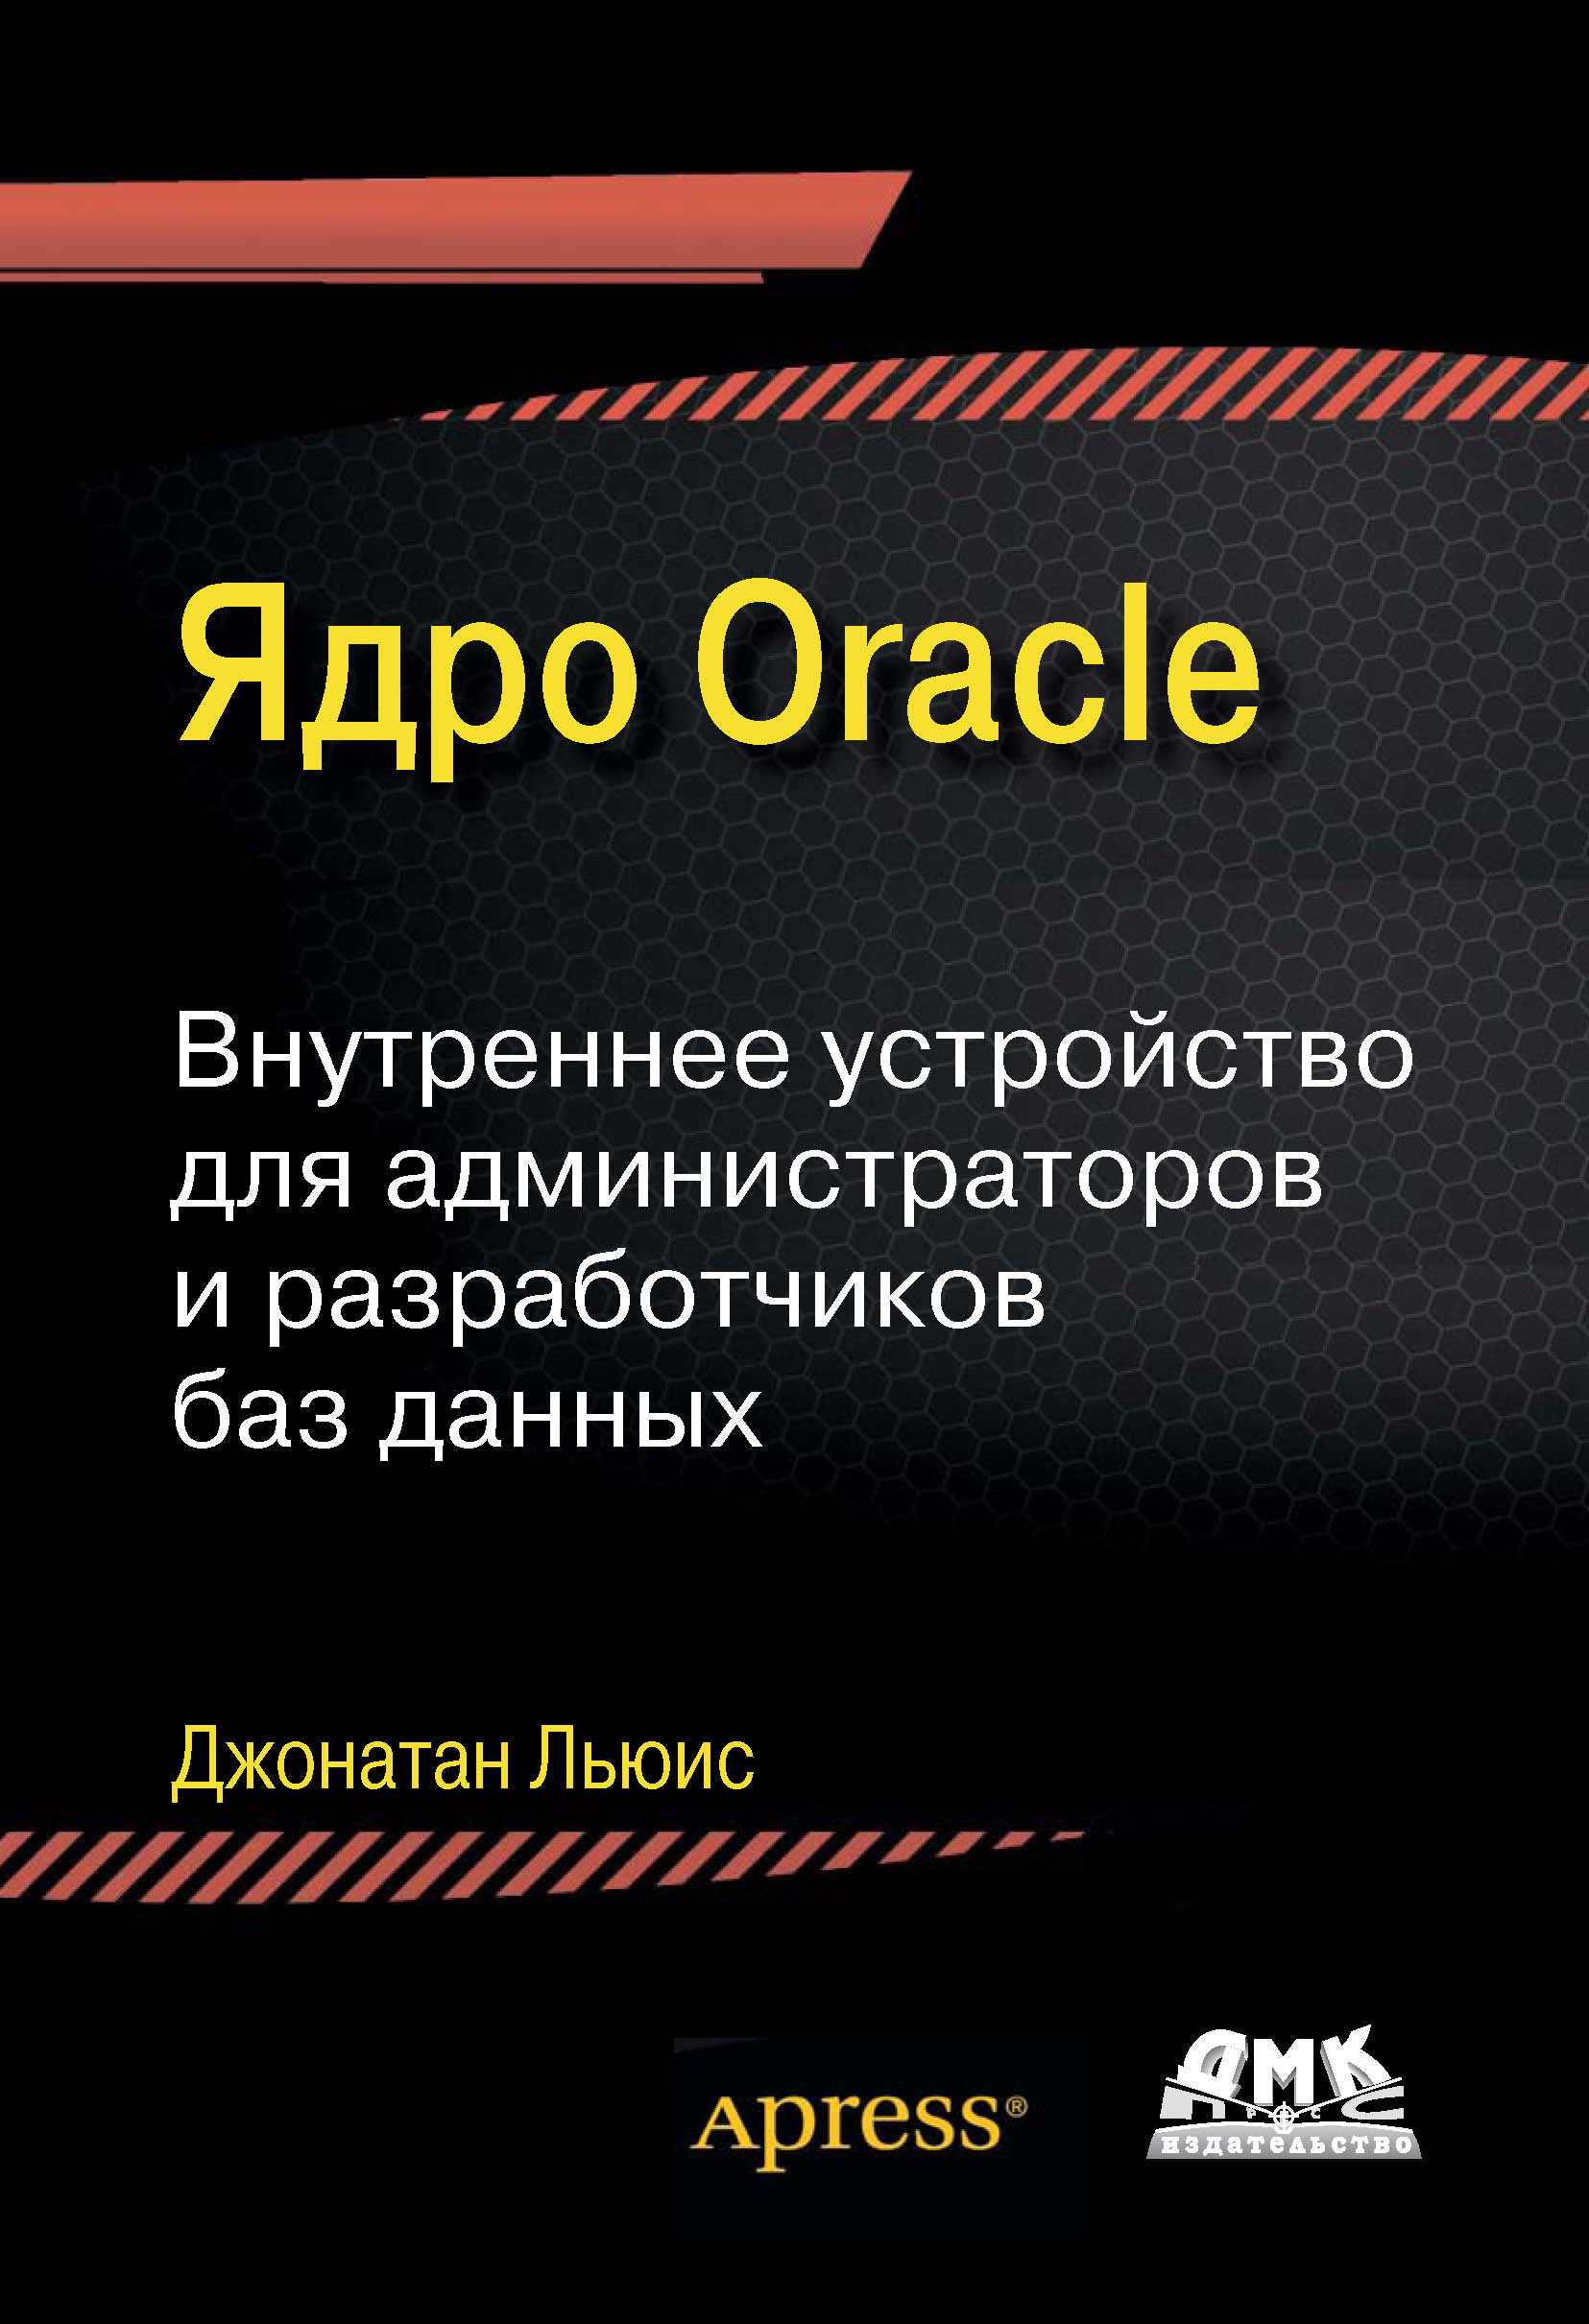 Джонатан Льюис Ядро Oracle. Внутреннее устройство для администраторов и разработчиков баз данных джонотан льюис ядро oracle внутреннее устройство для администраторов и разработчиков баз данных